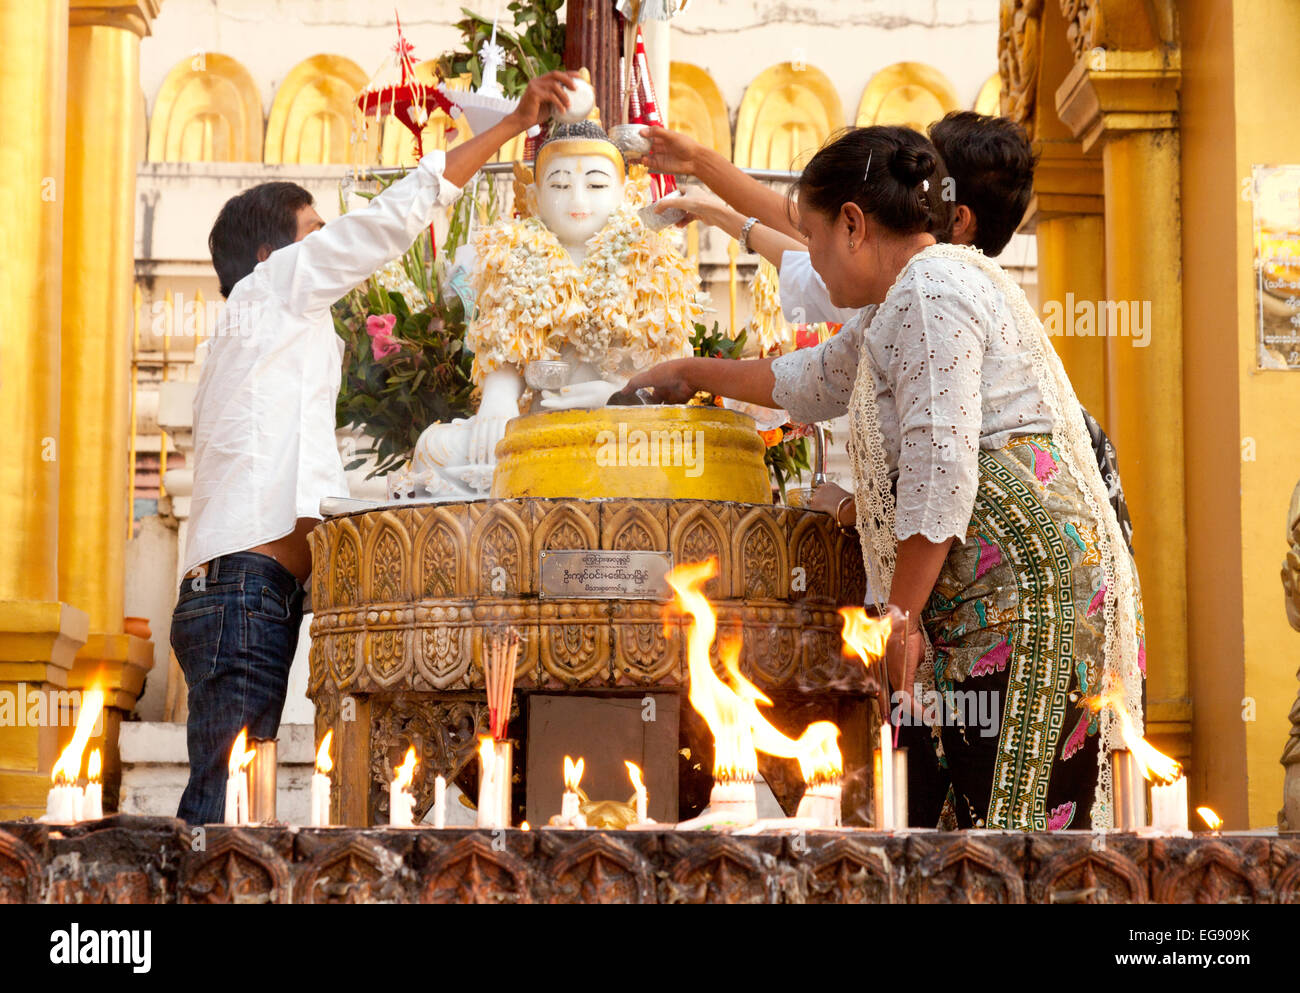 Popolo birmano che offre a un santuario buddista, Shwedagon pagoda Yangon, Myanmar ( Birmania ), Asia Immagini Stock